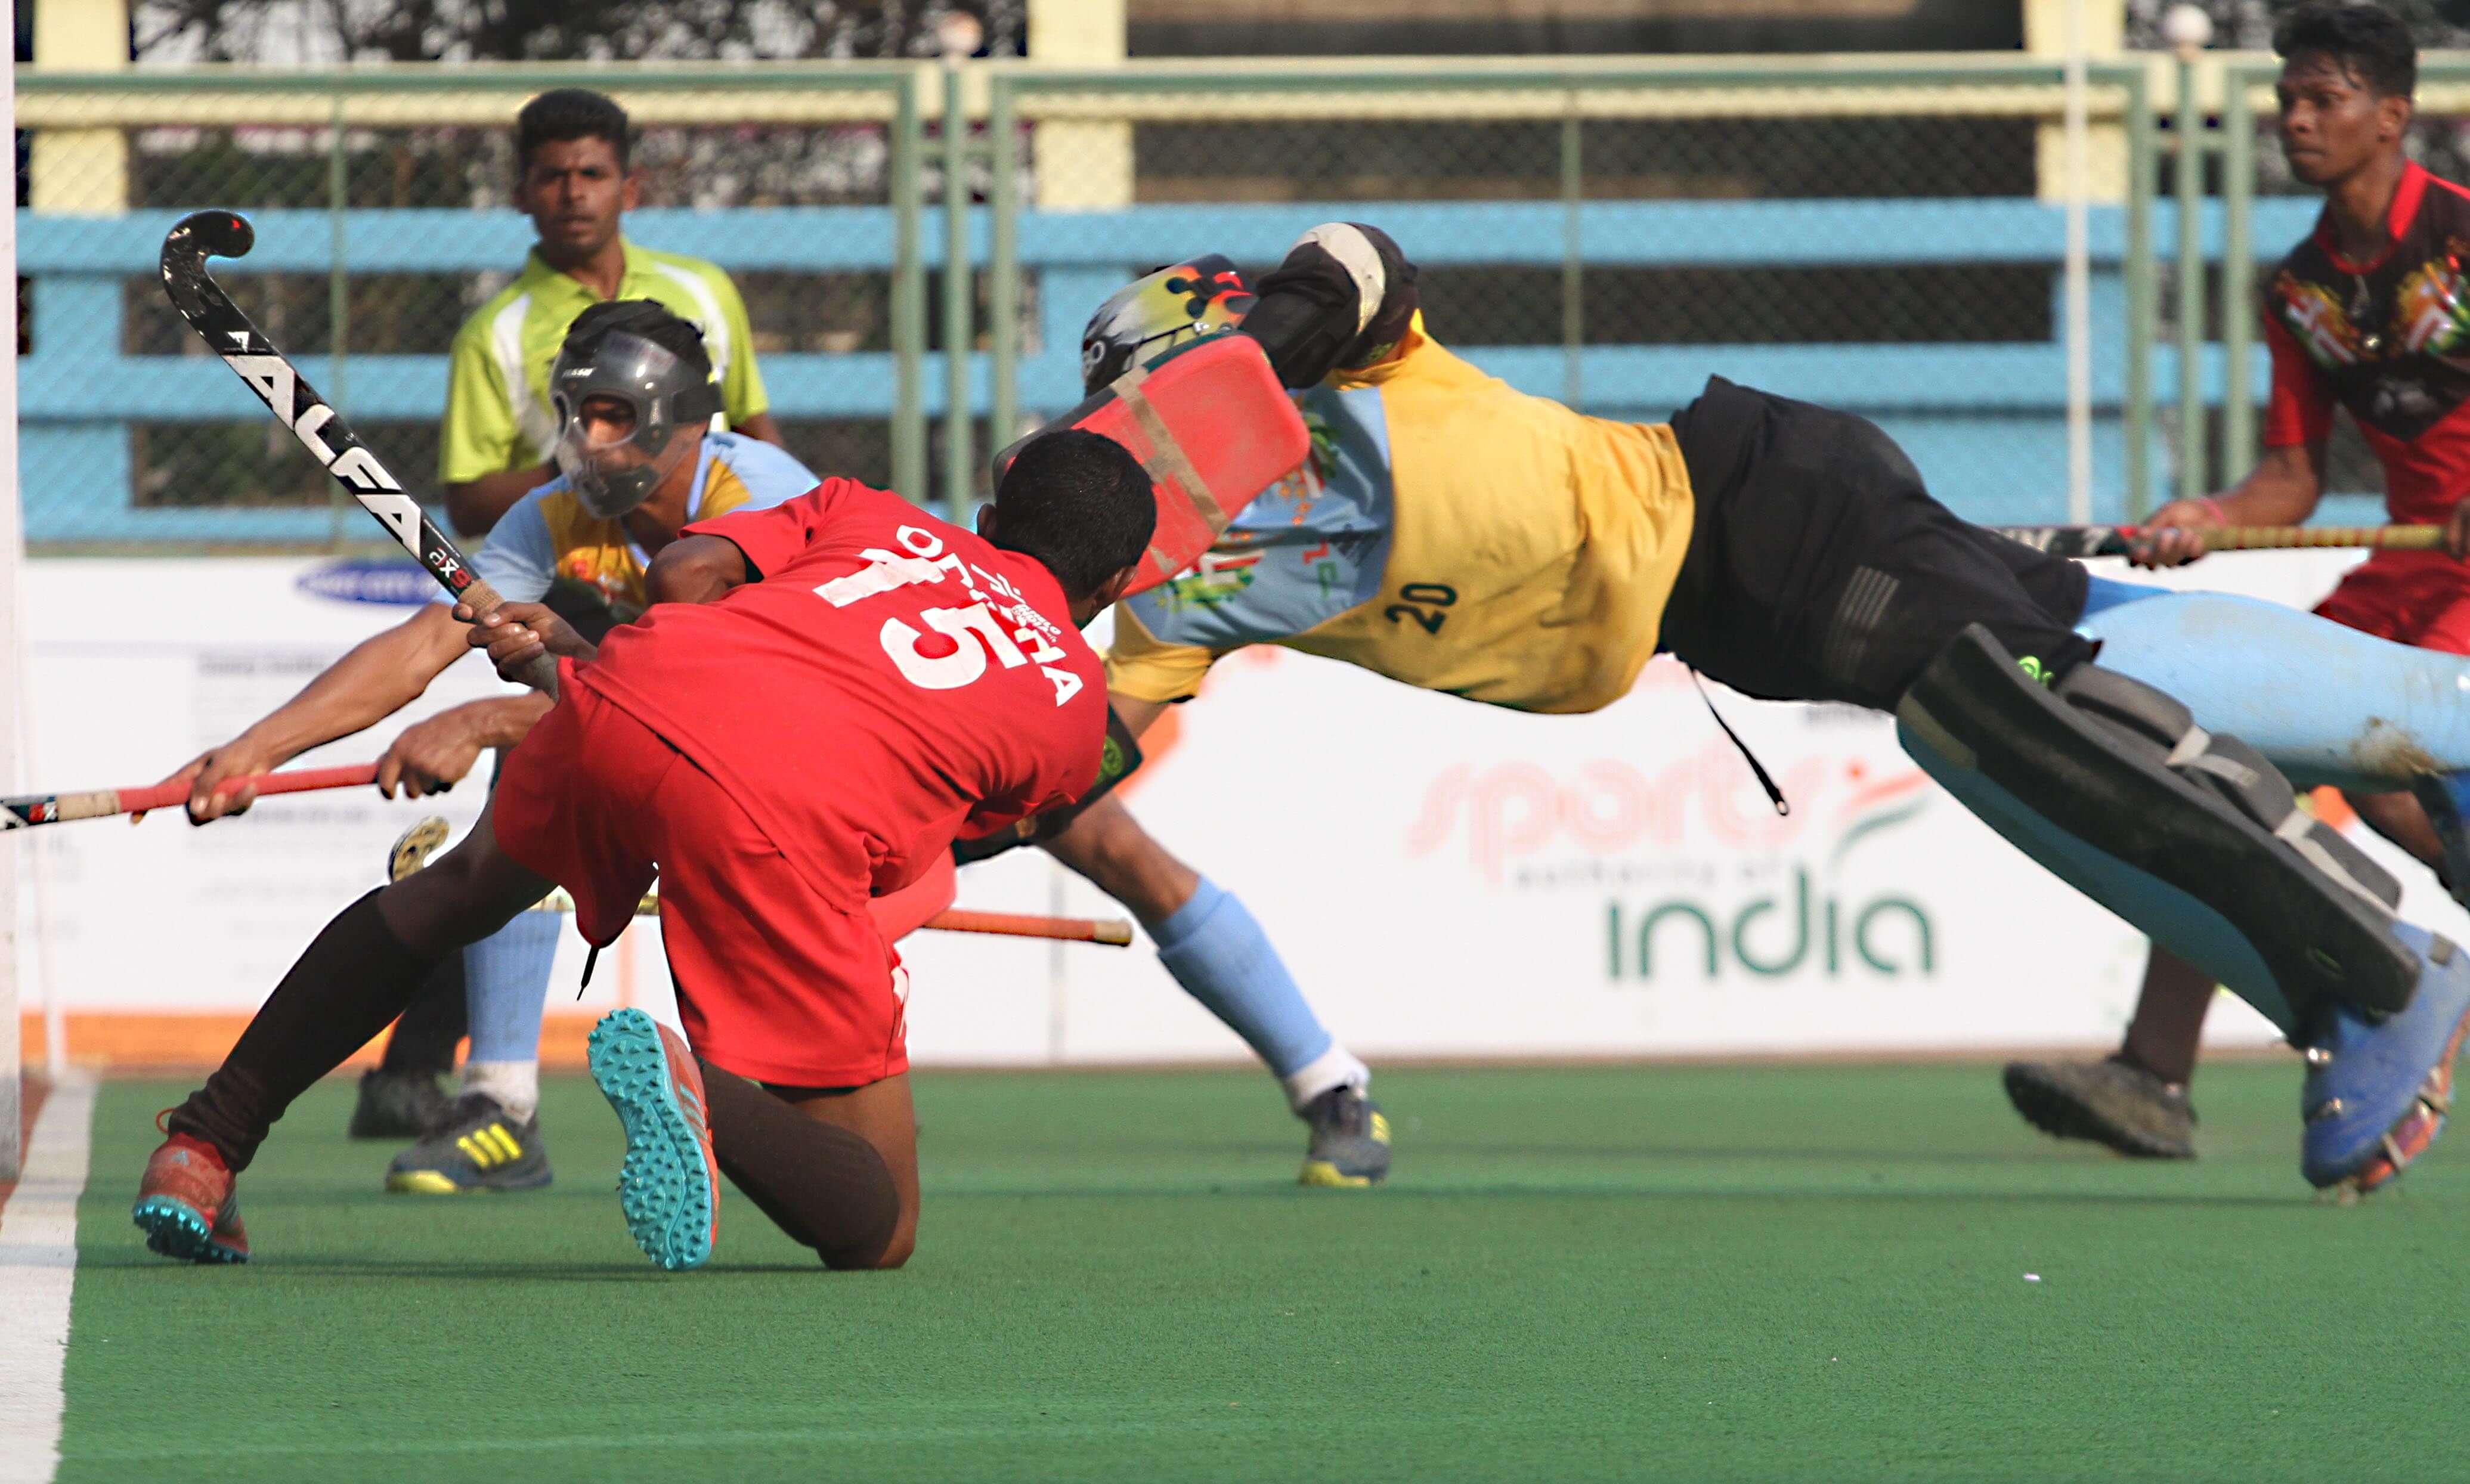 picture-1-odisha-vs-haryana-1548562711.jpg